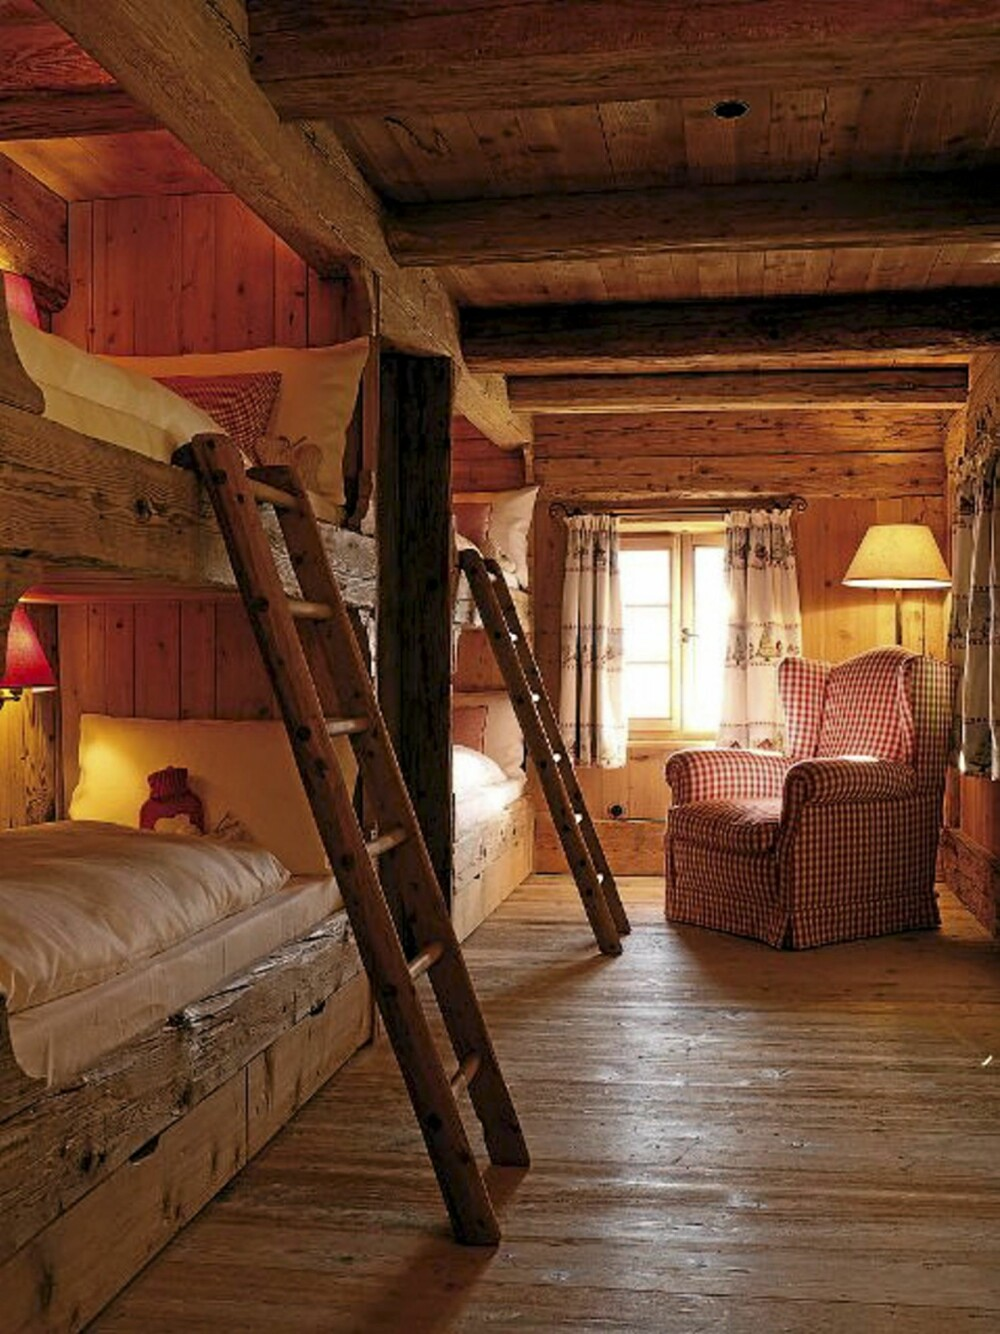 RUSTIKT: Det rustikke interiøret kan minne om en norsk hytte.